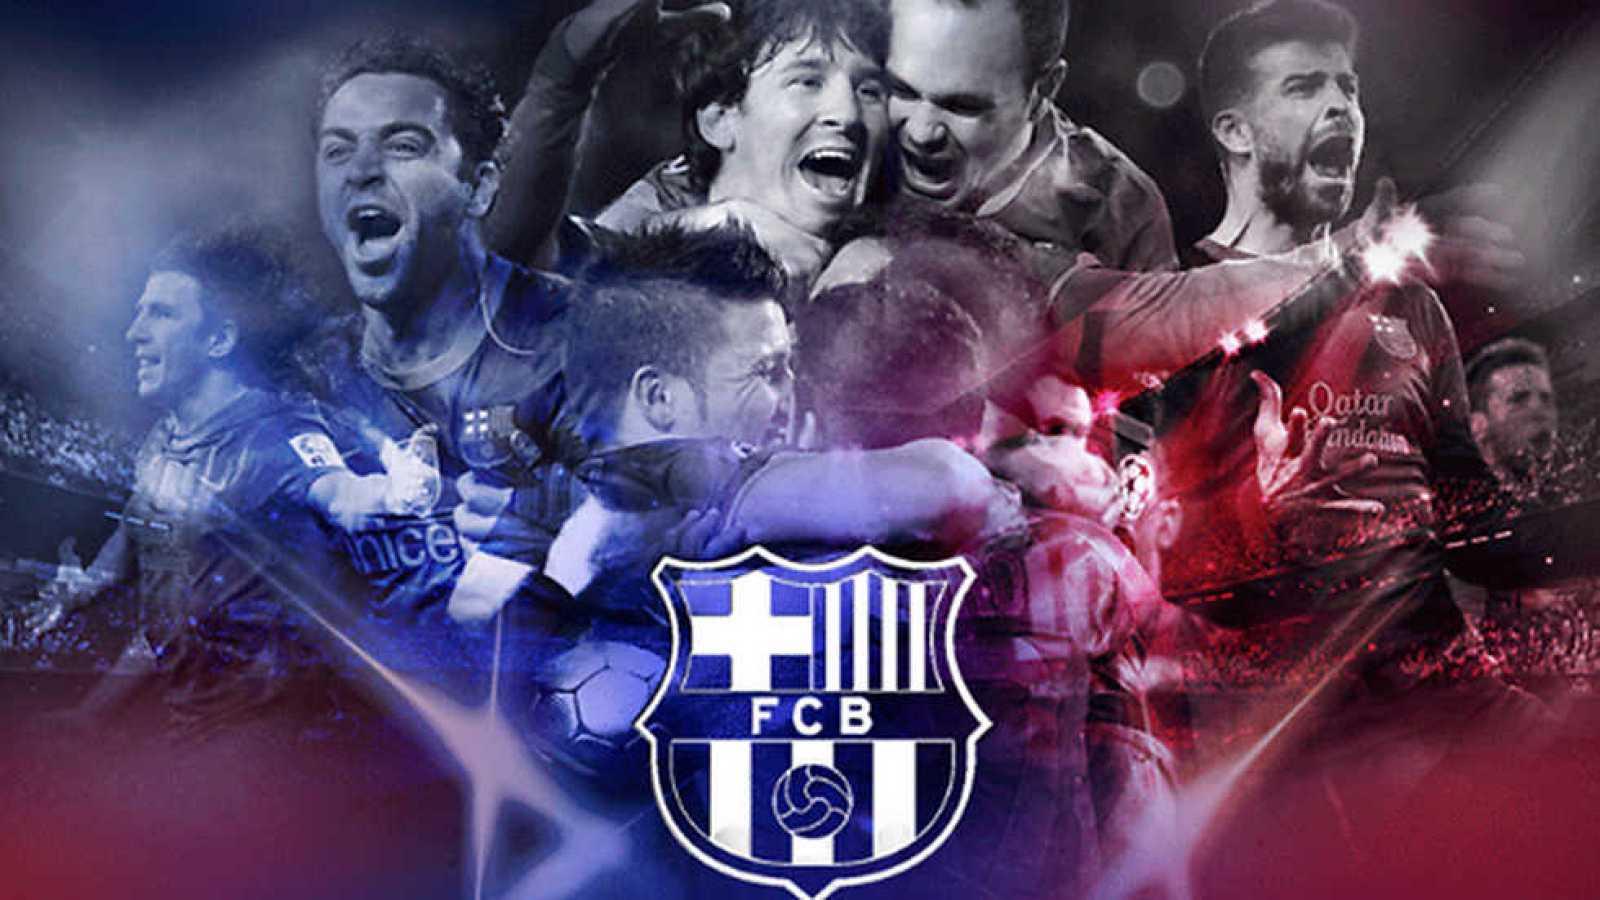 El documental - Barça Dreams - ver ahora reproducir video ad35f5525f8